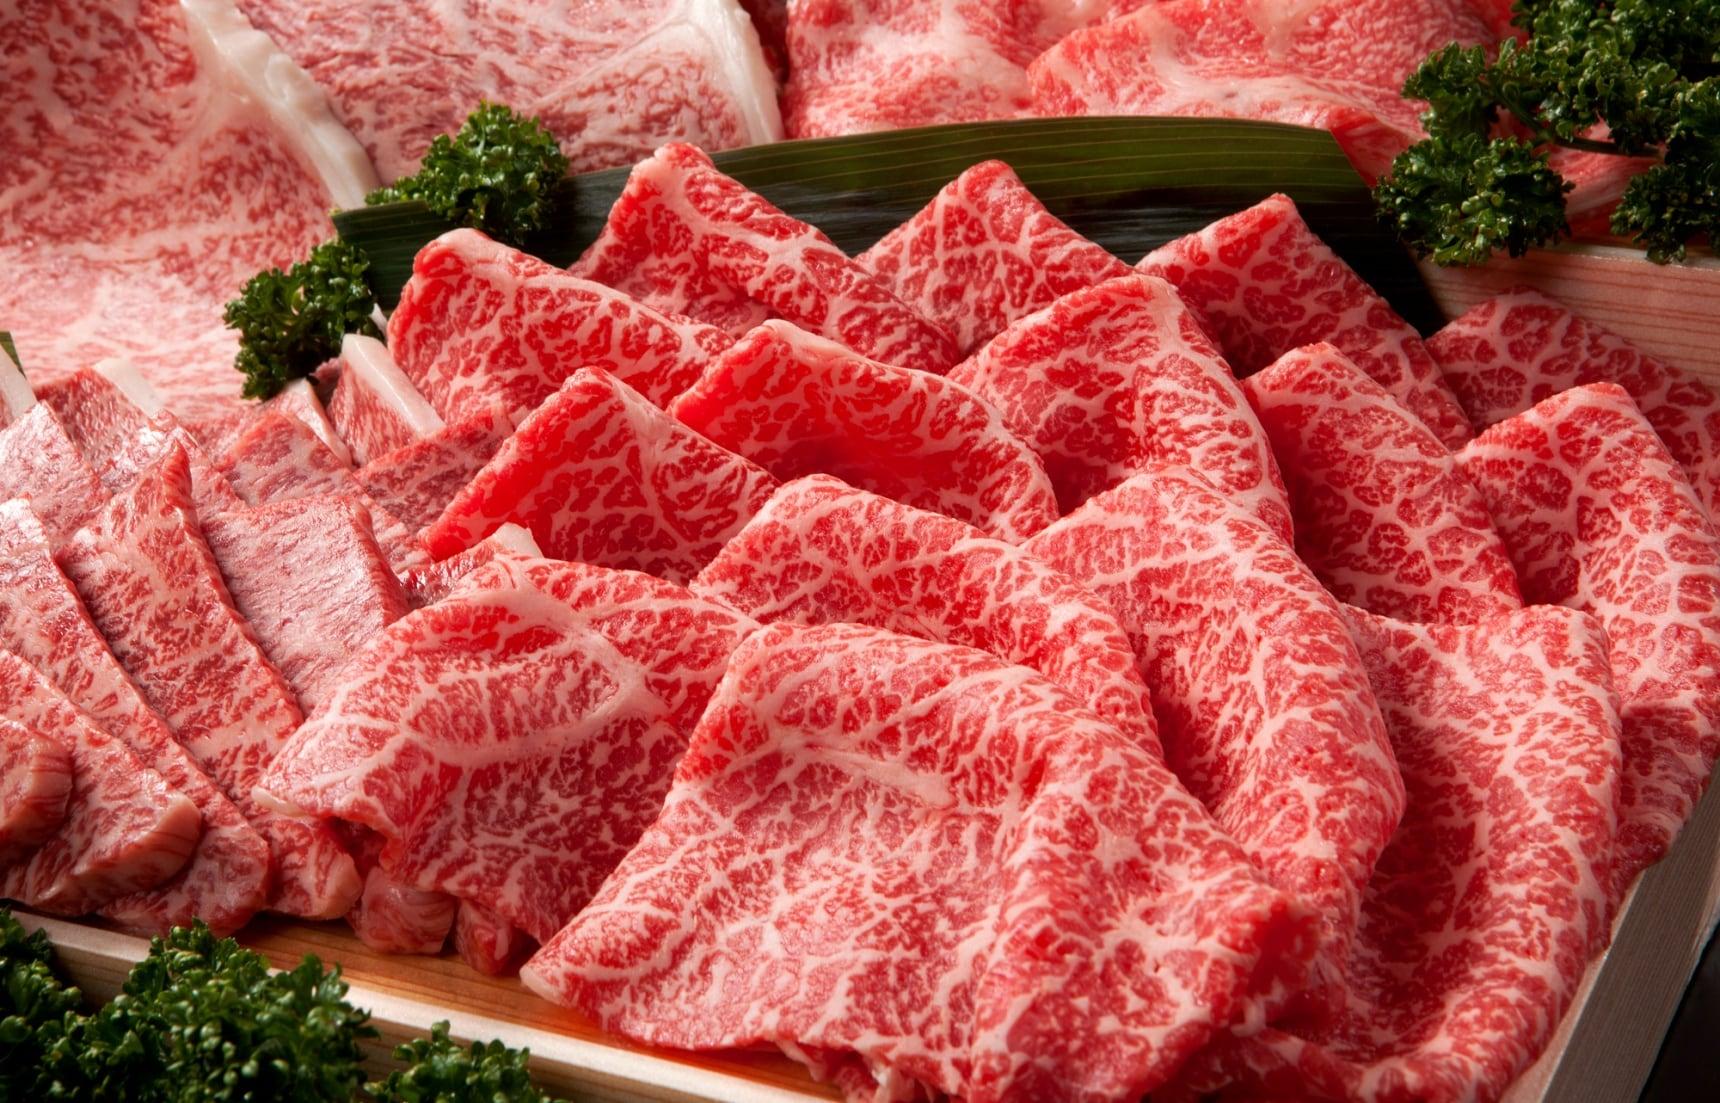 吃货党|原来这就是和牛!日本各地品牌和牛大公开